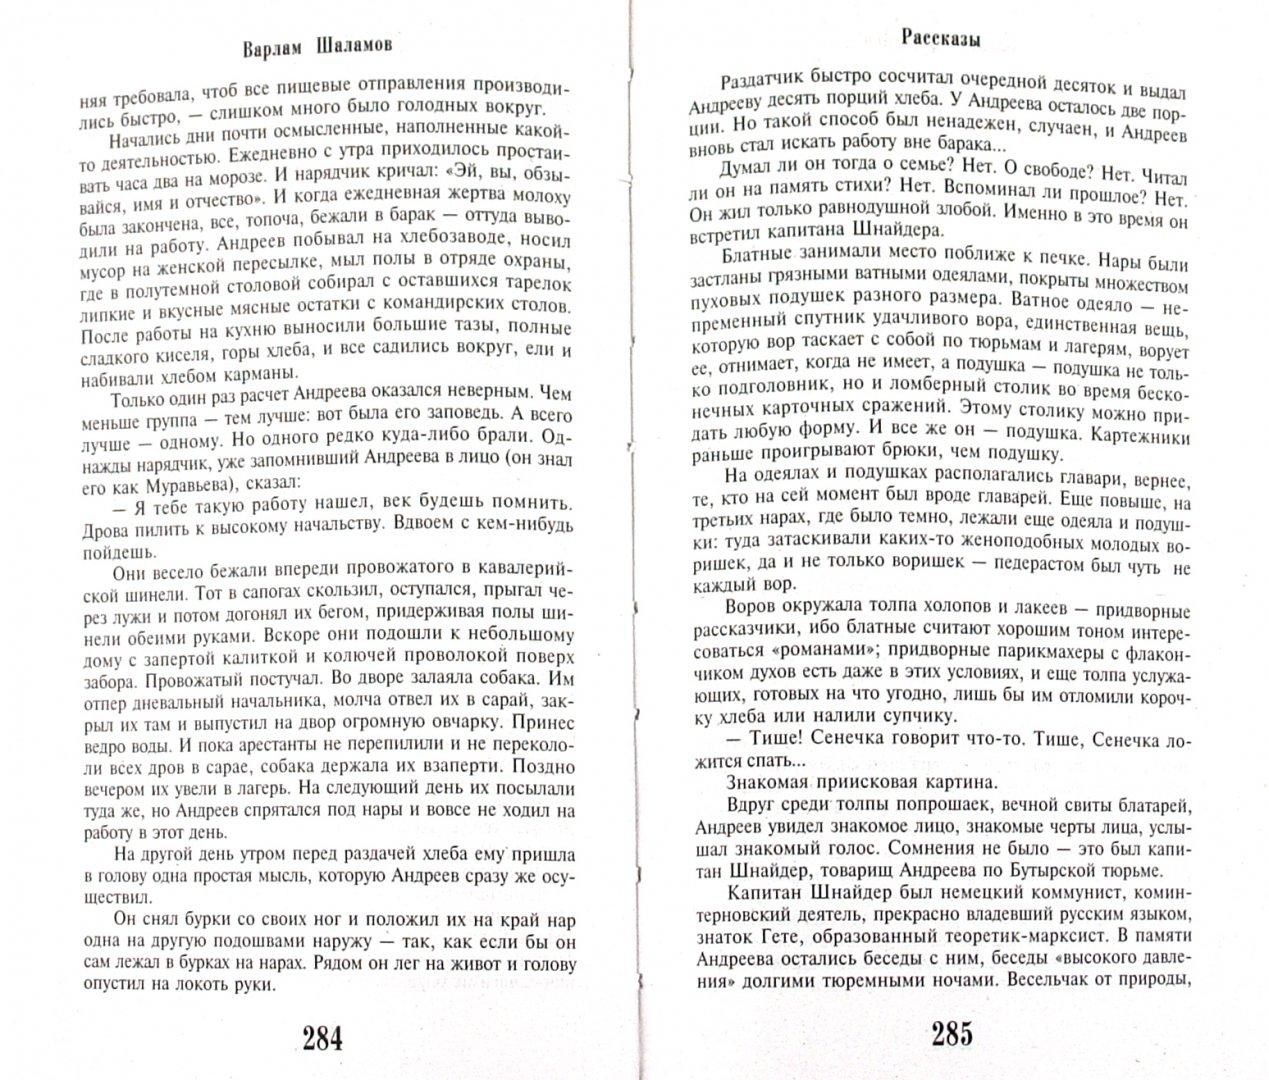 Иллюстрация 1 из 19 для Колымские рассказы - Варлам Шаламов | Лабиринт - книги. Источник: Лабиринт